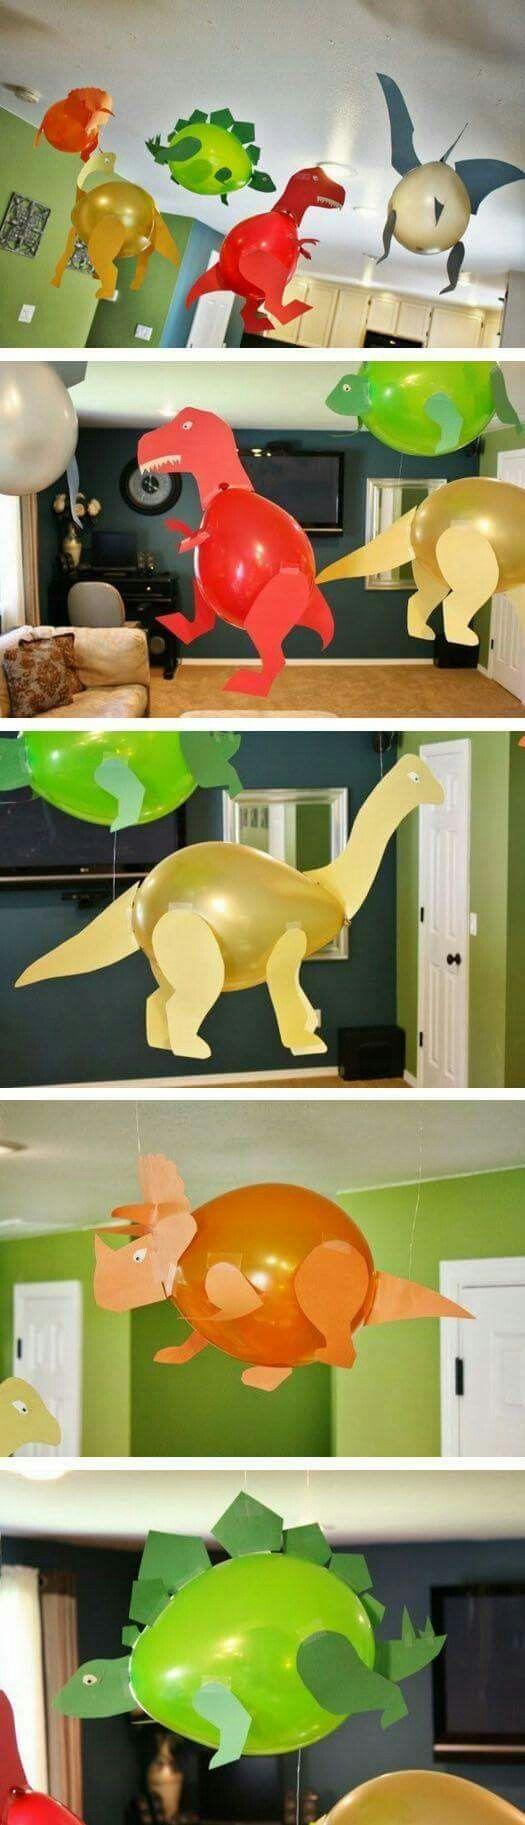 Dino balloons